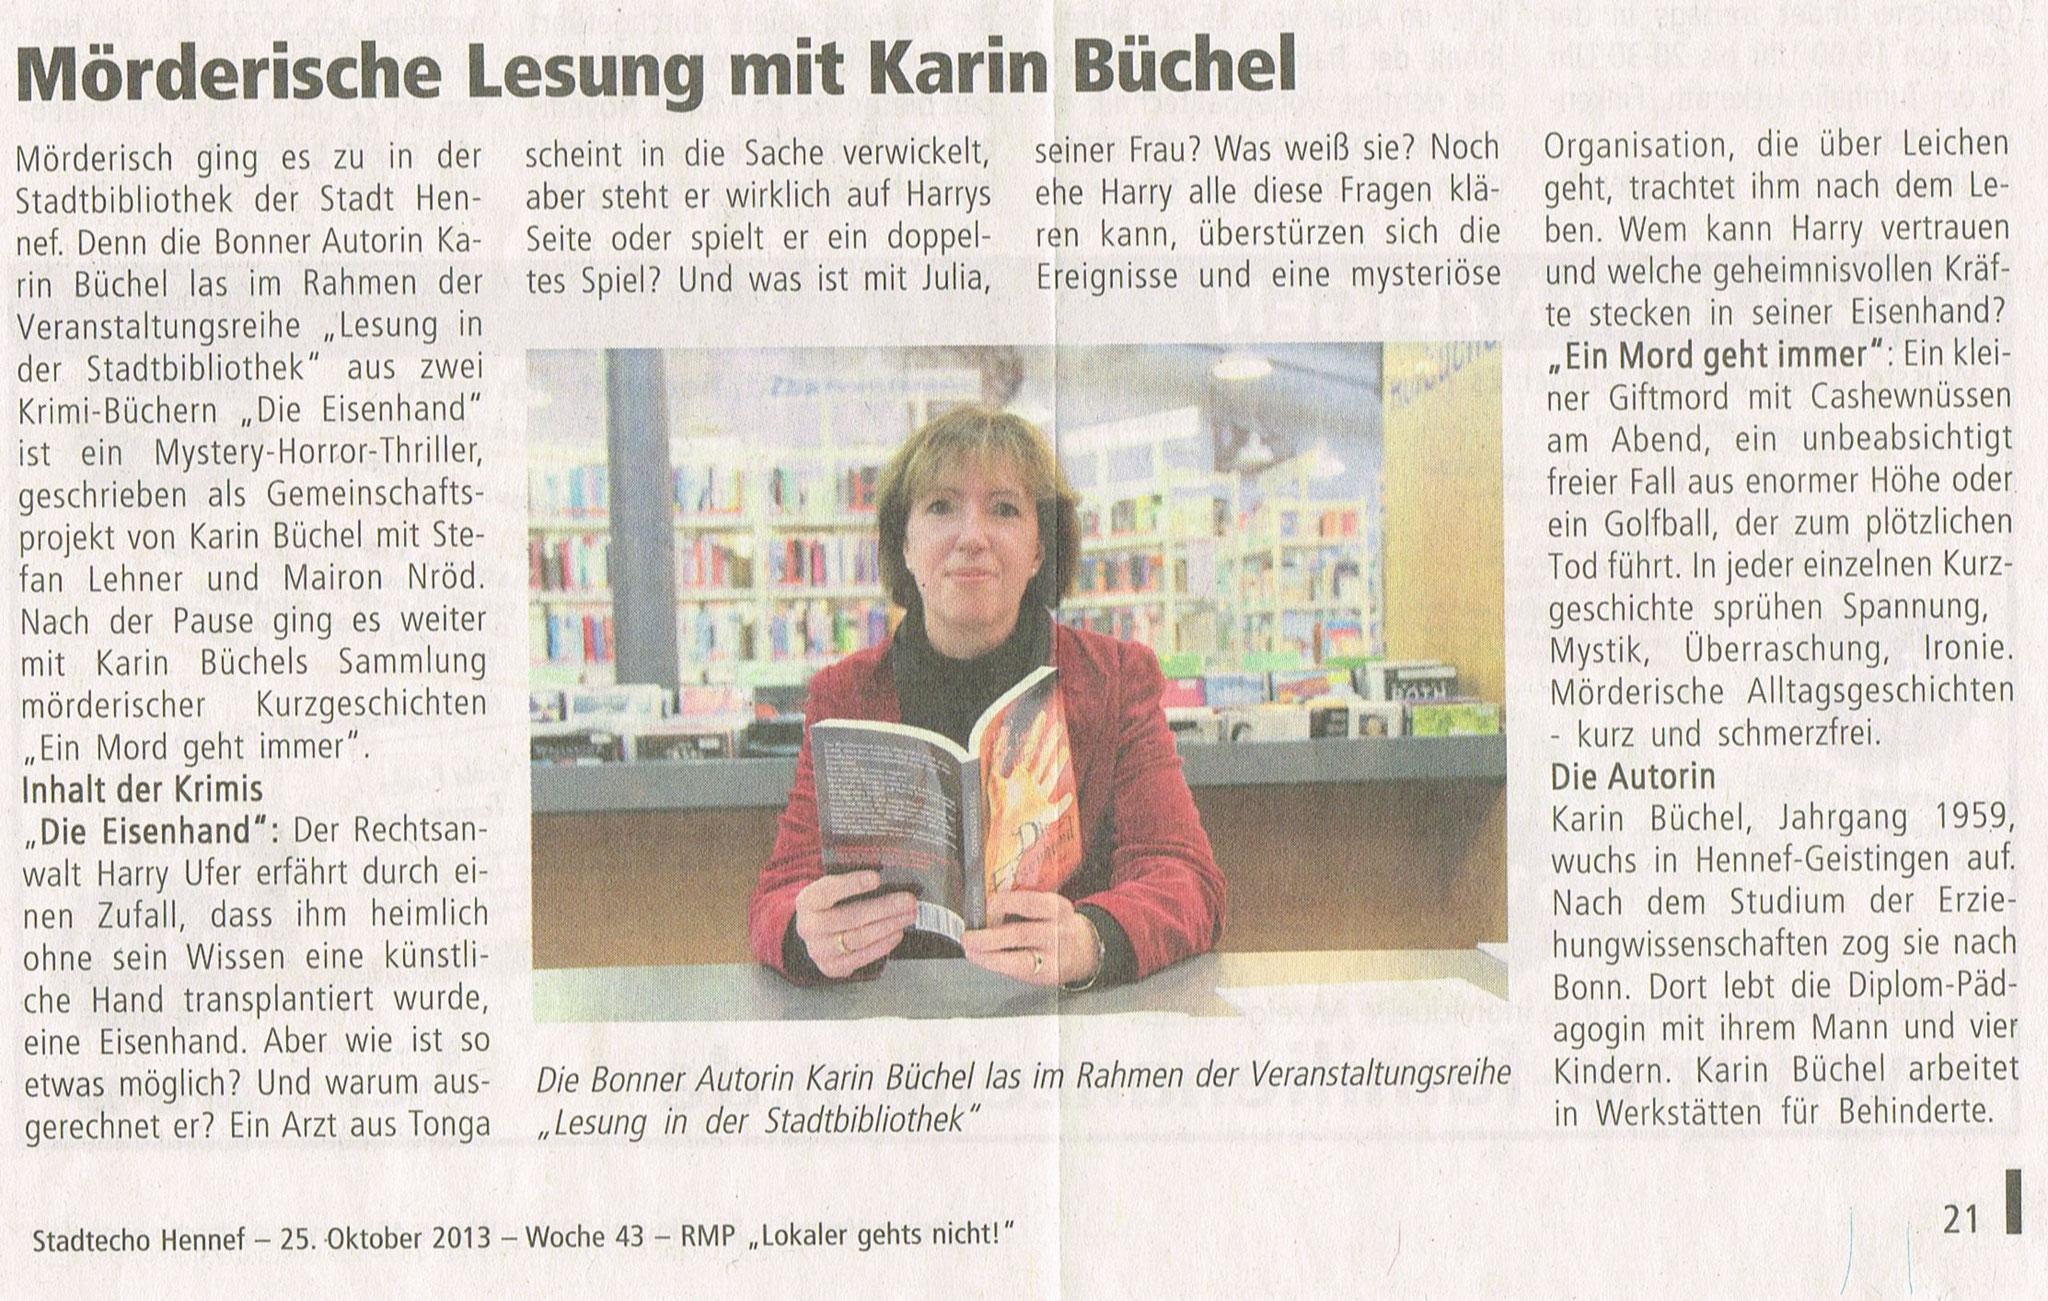 Stadtbibliothek Hennef, 16. Oktober 2013